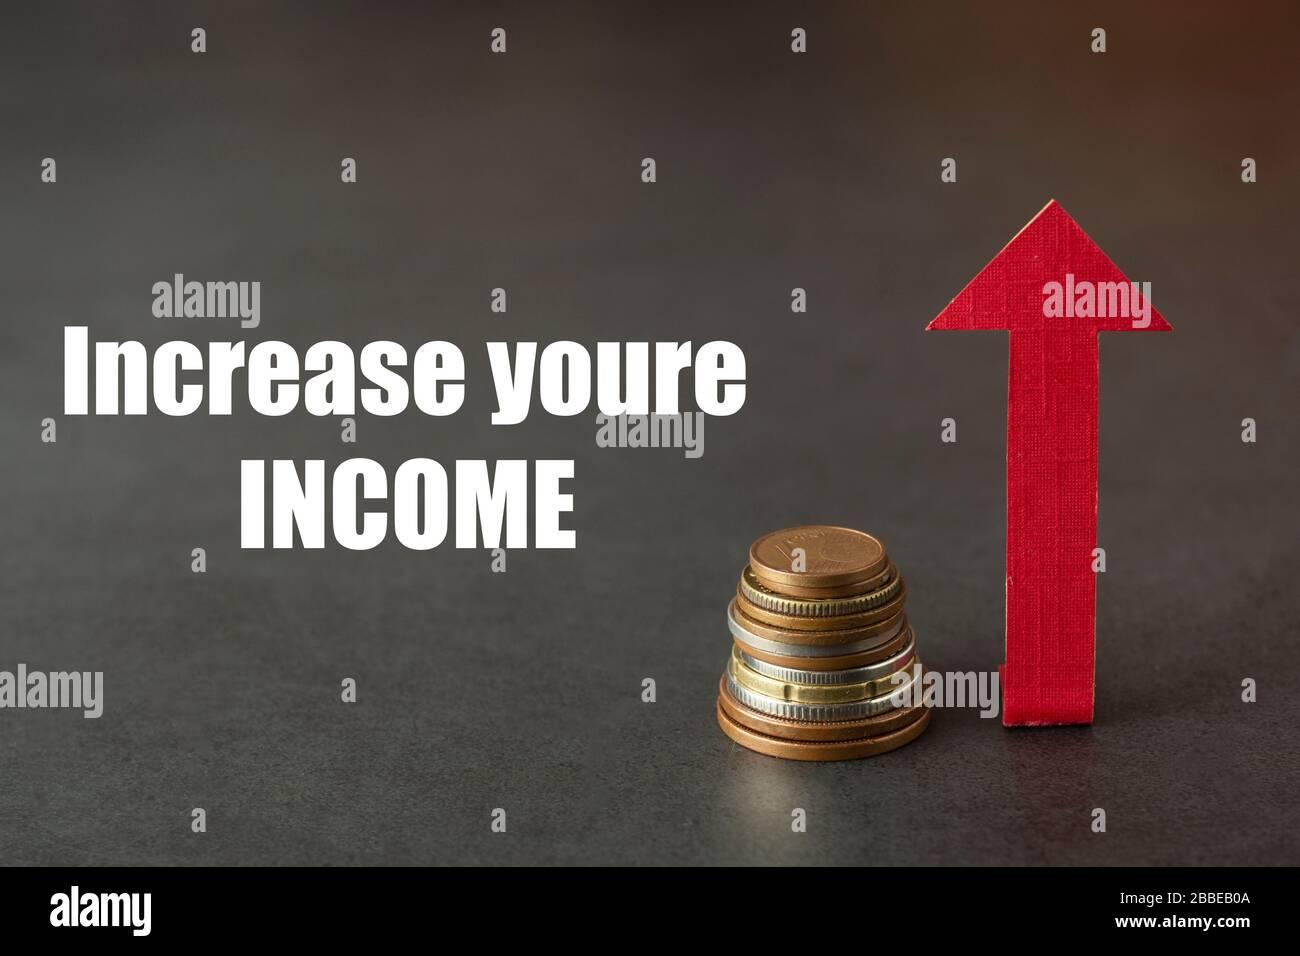 Aumente sus ingresos. Bolsa de dinero y arriba de la carta dibujada. Aumento del salario o de los ingresos. Espacio de copia, fondo oscuro. Foto de stock